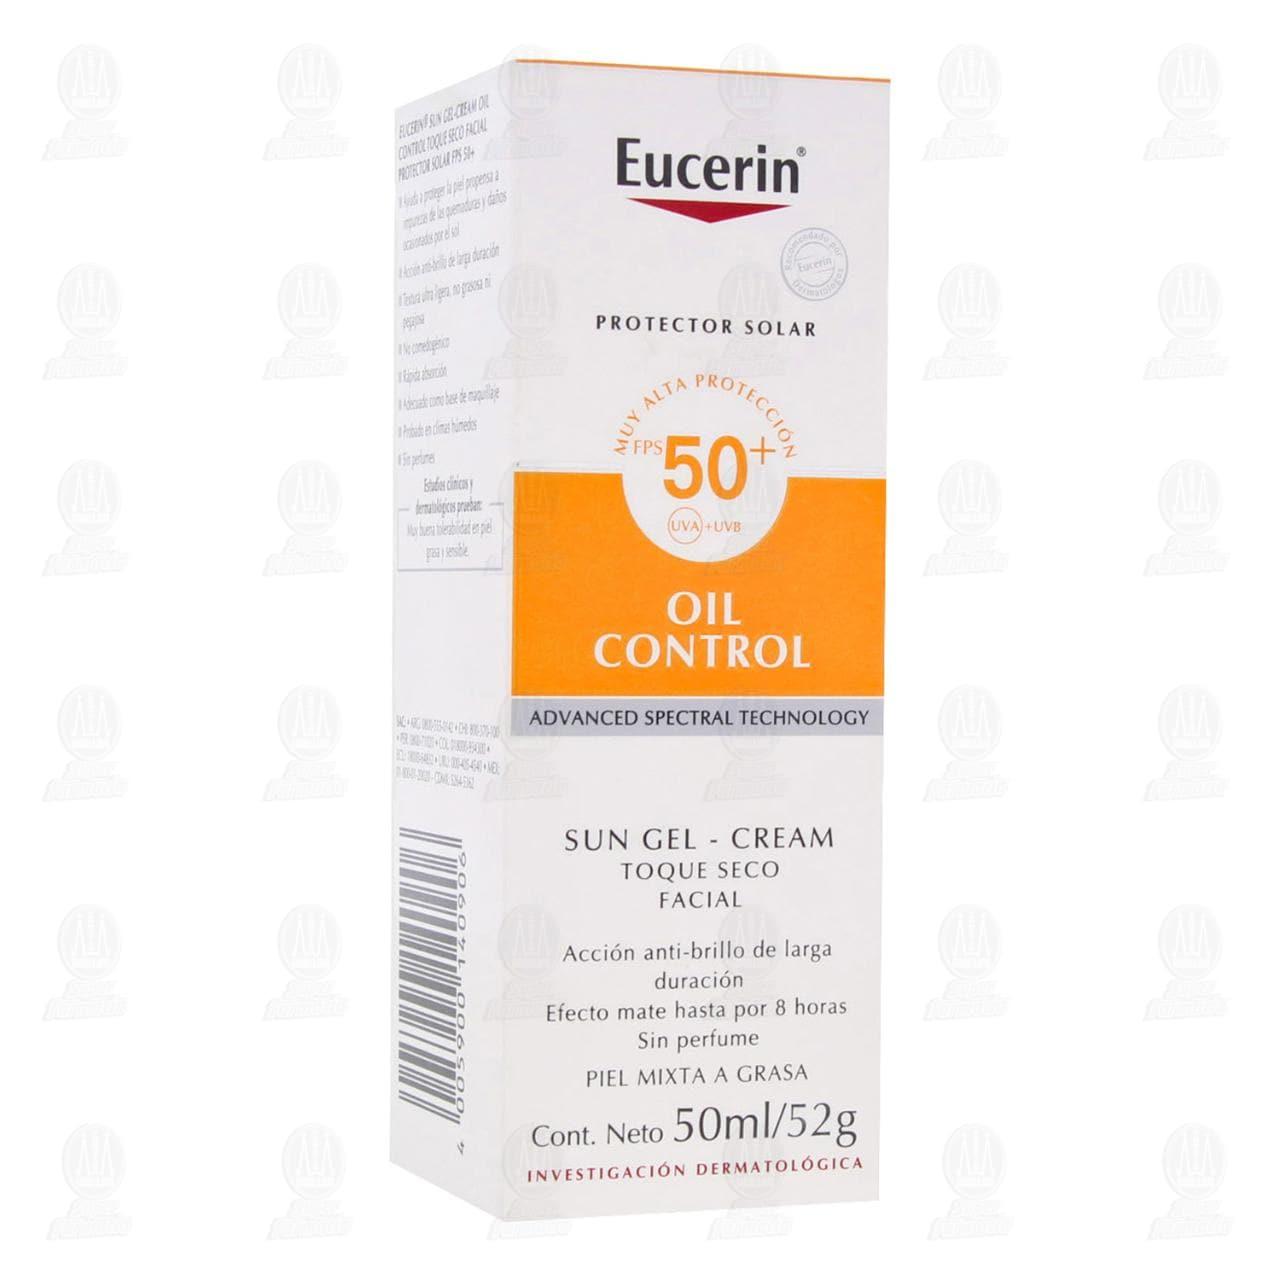 Comprar Eucerin Protector Solar Facial Toque Seco Oil Control, 50ml. en Farmacias Guadalajara